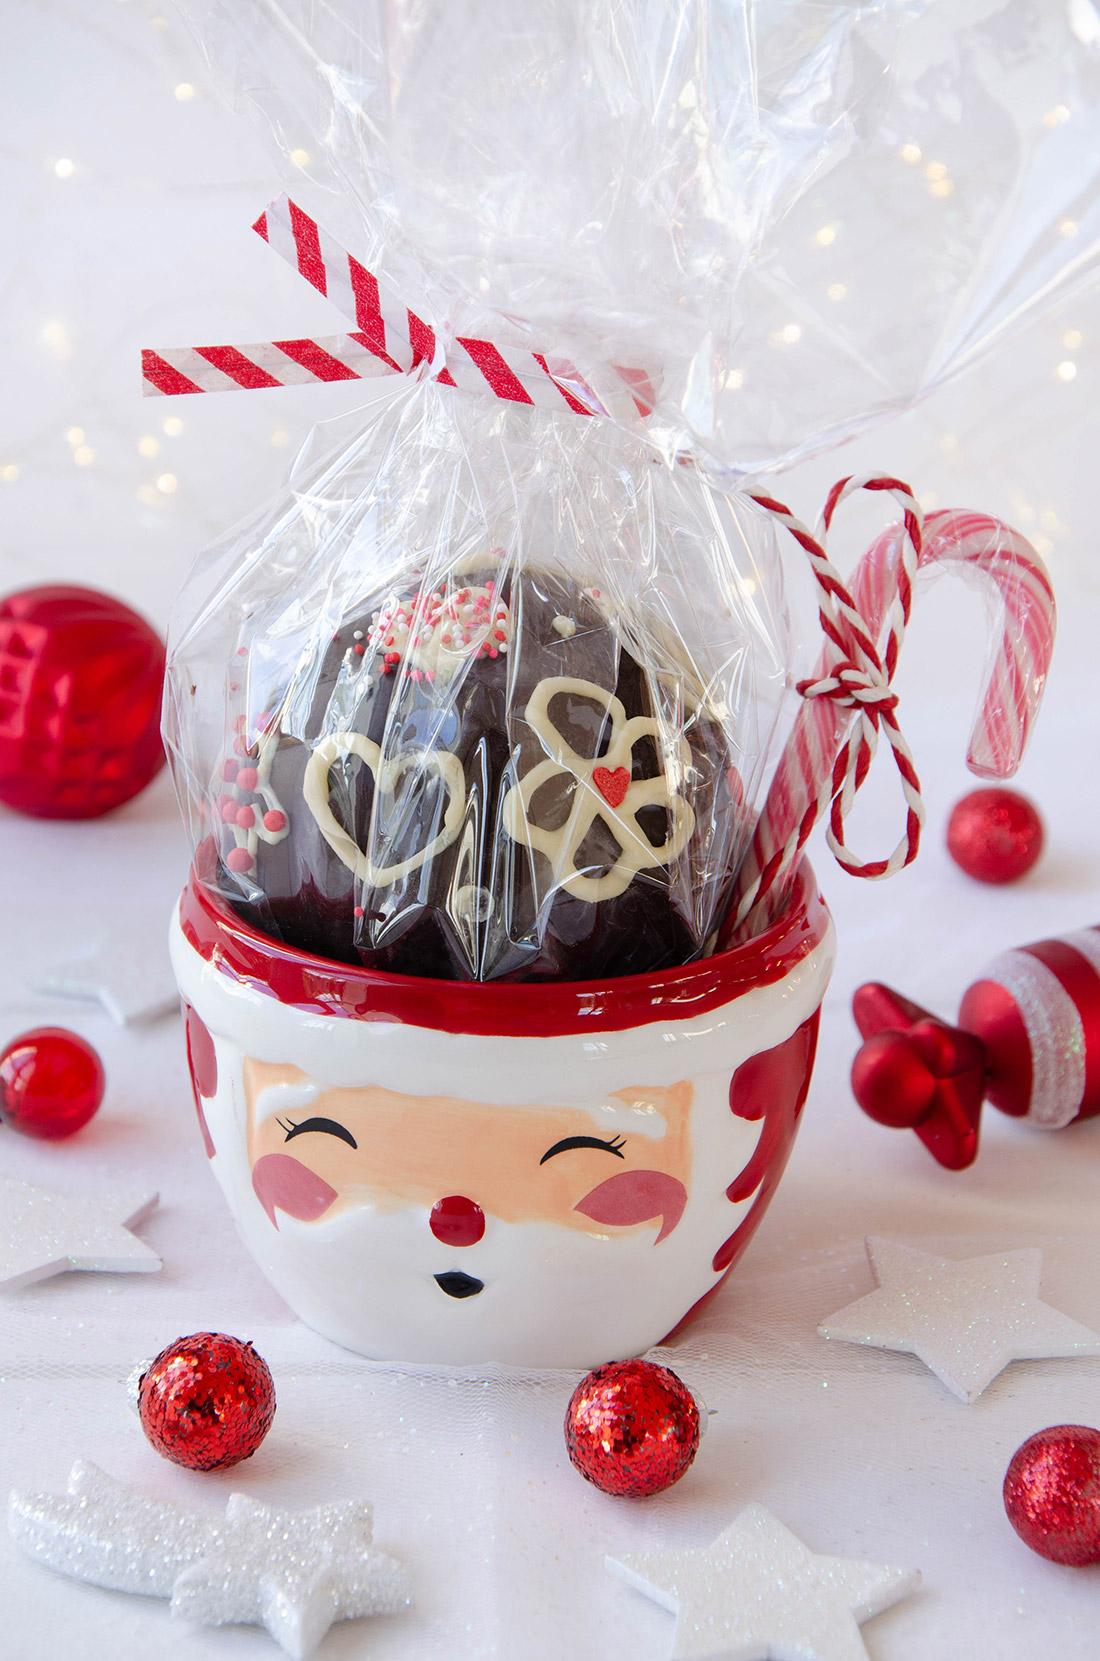 une bombe à chocolat chaud : un délicieux cadeau gourmand facile à faire !